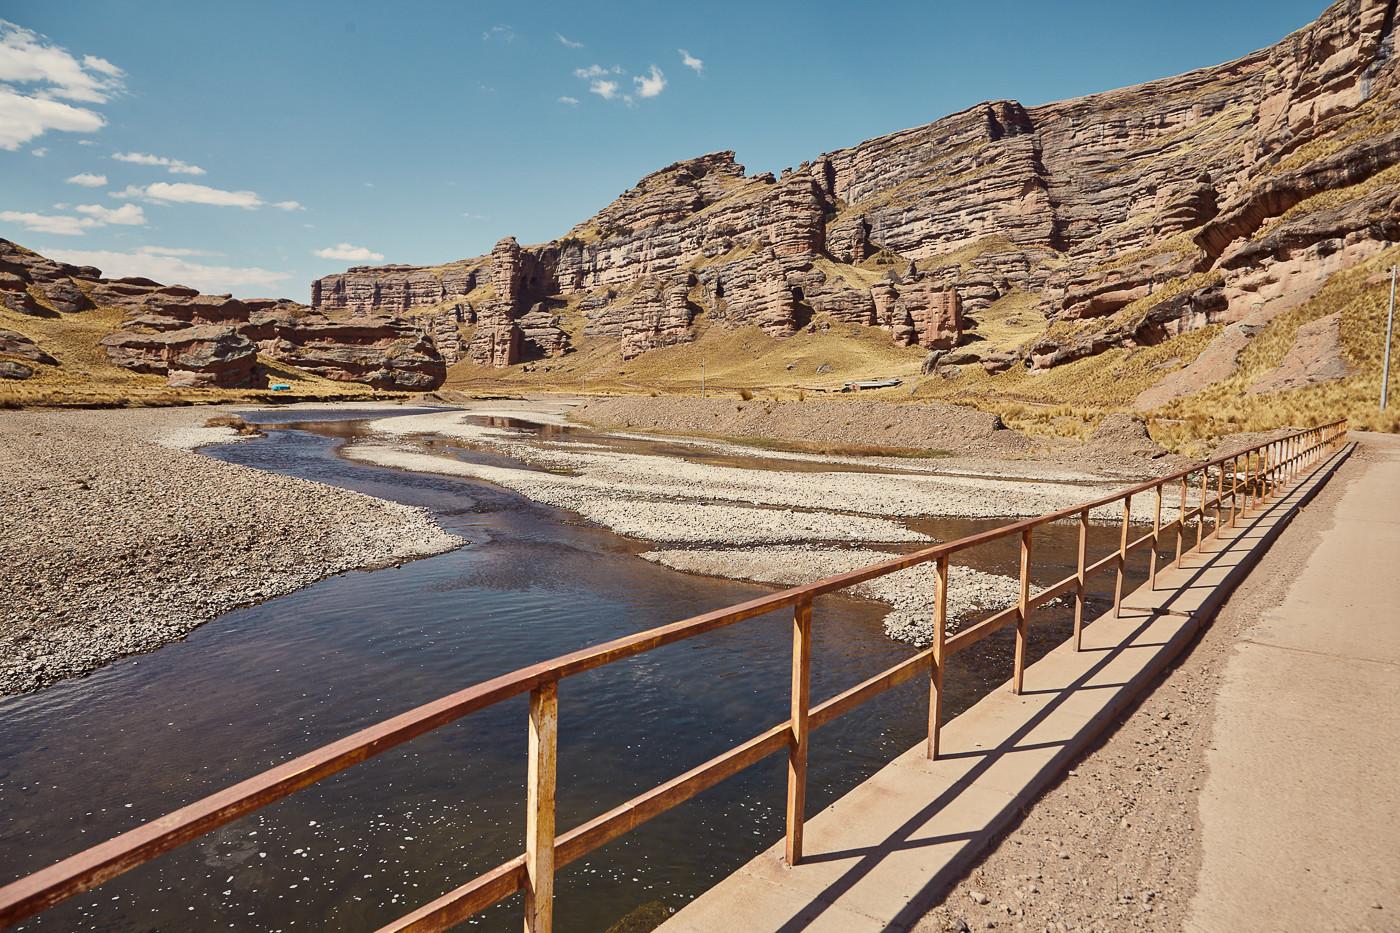 Felsige Landschaft und die einzige Brücke, die wir auf dieser Strecke überquert haben. Wenn man in Peru selbst mit dem Auto fährt, sollte man immer die Höhe im Auge behalten. Geht es steil nach oben, sollte man immer wieder Pausen einlegen, um sich langsam zu akklimatisieren